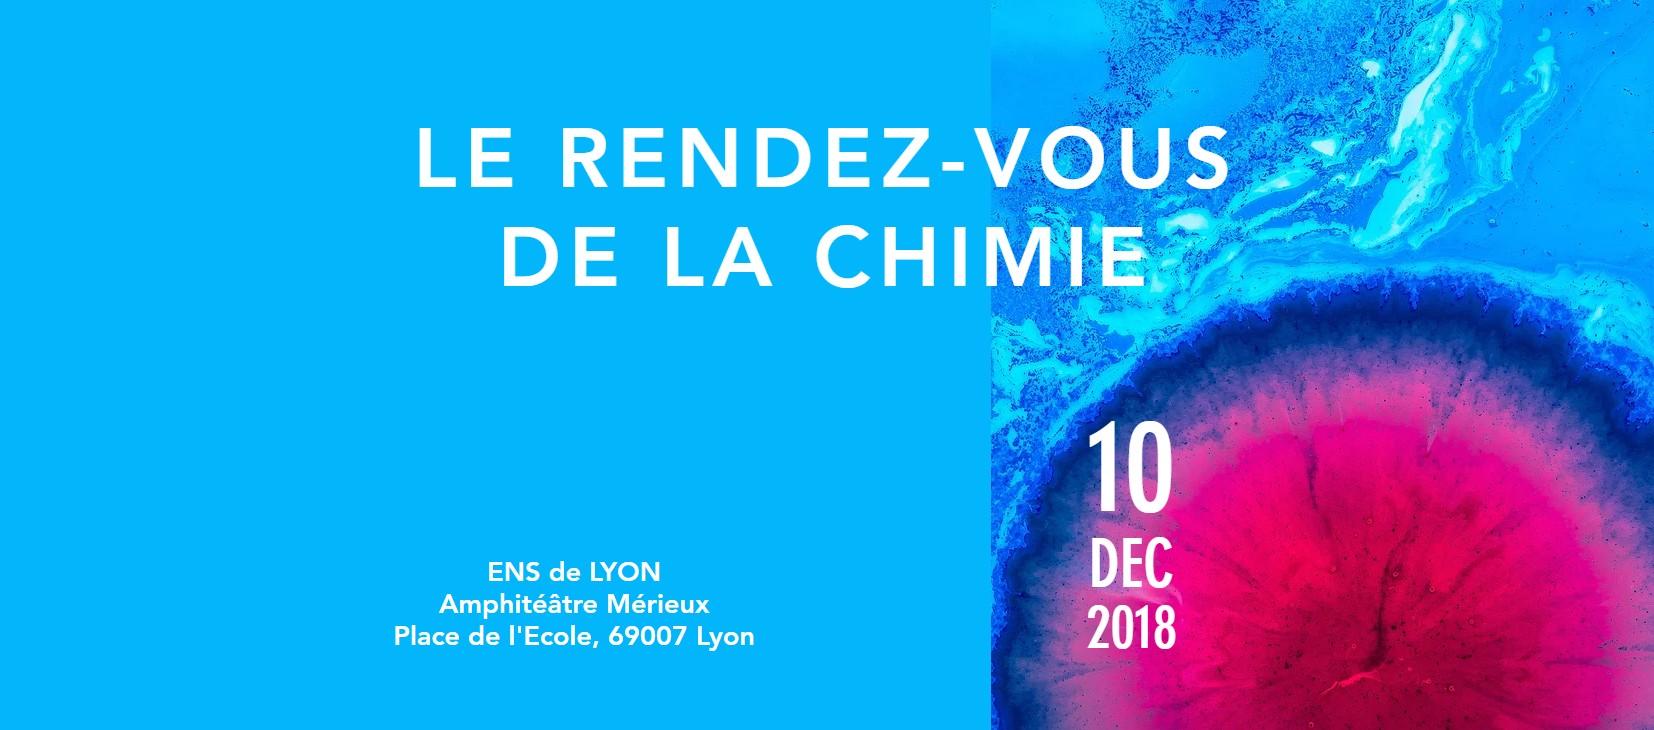 Le rendez-vous de la Chimie - Lyon